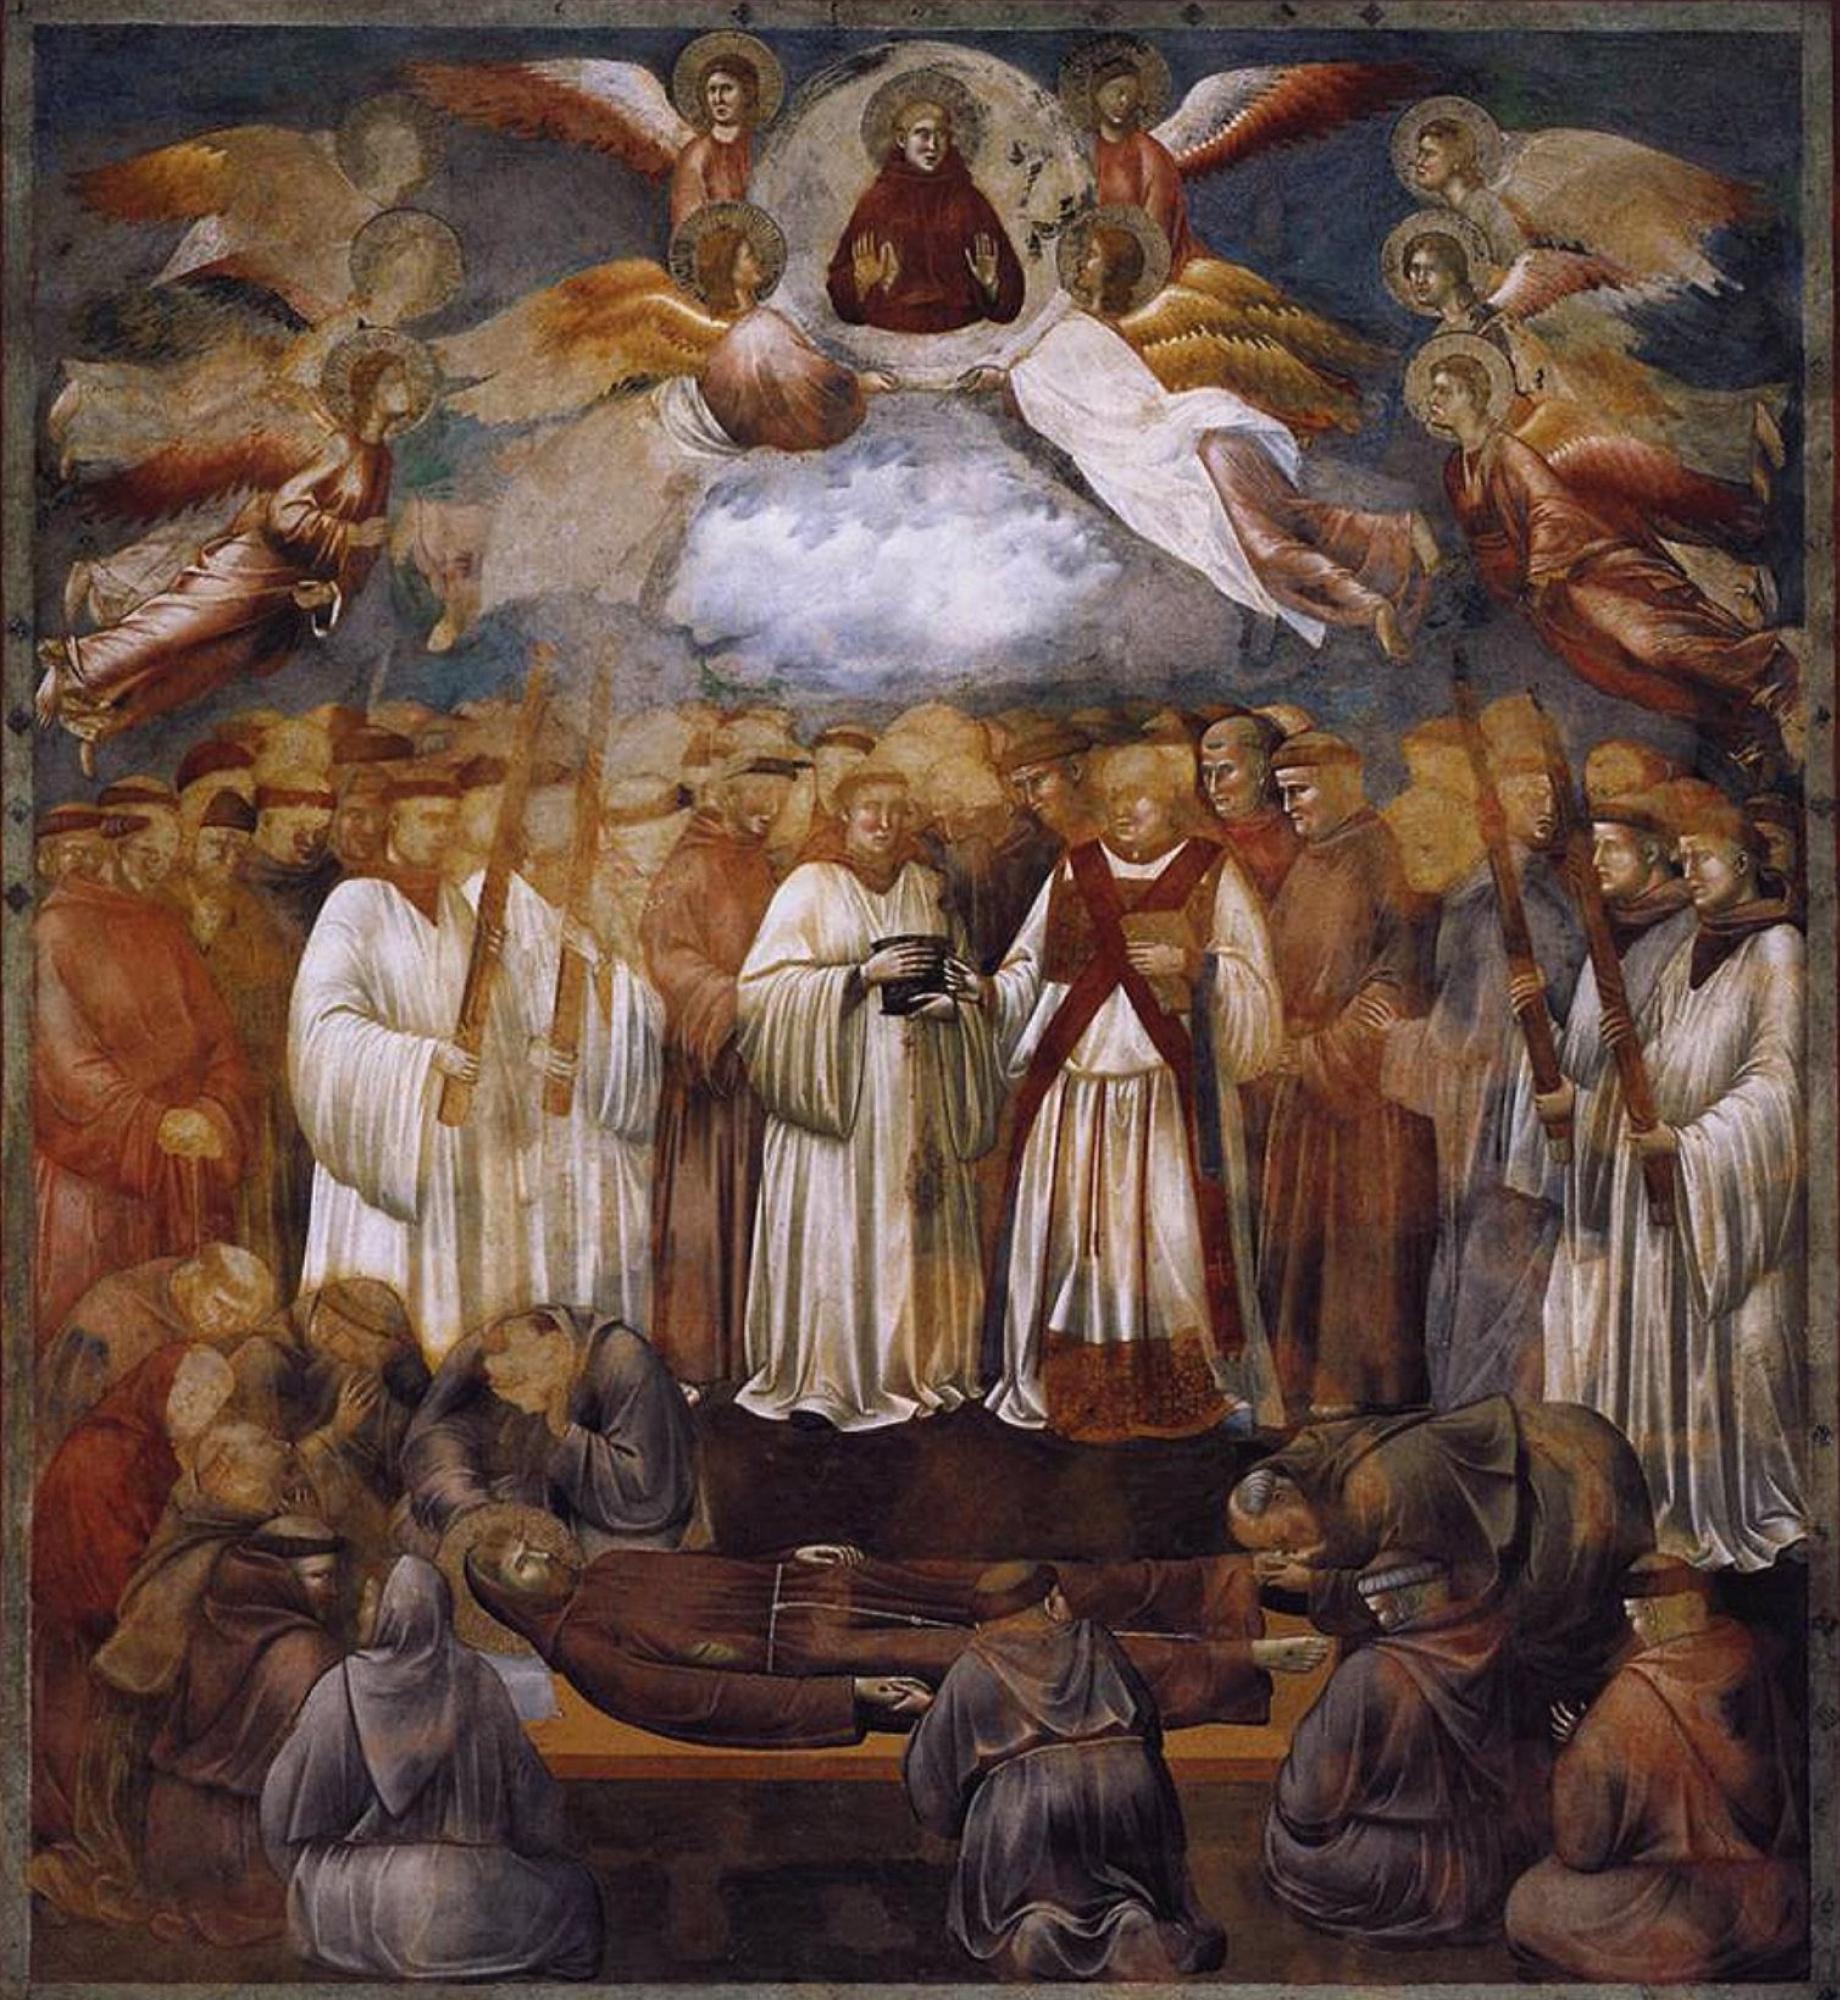 Джотто ди Бондоне. Смерть и вознесение Святого Франциска. Легенда о святом Франциске